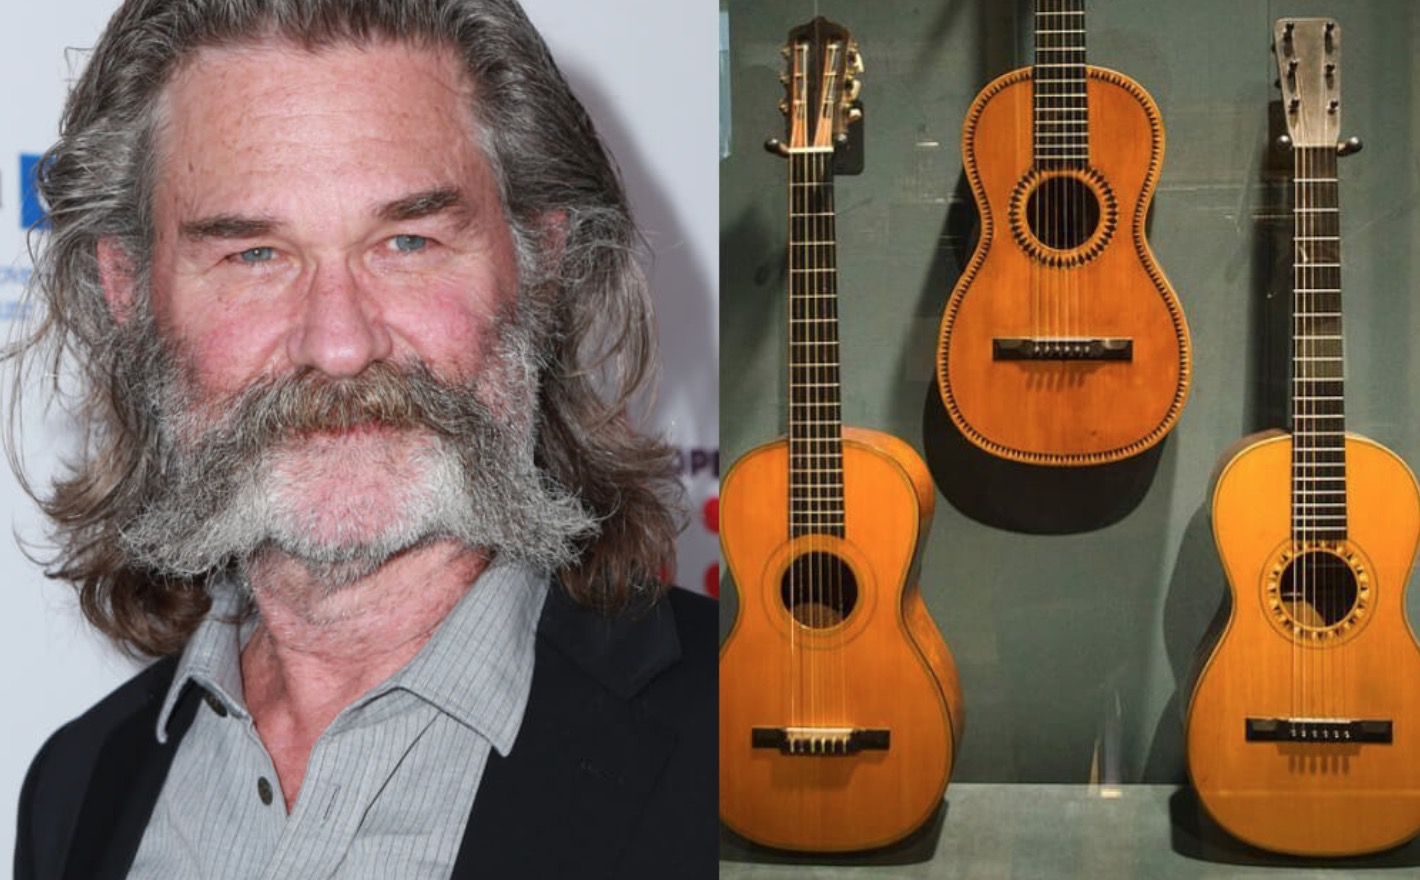 Nadir 1870'lerin Gitar'ı Yok Edilidi